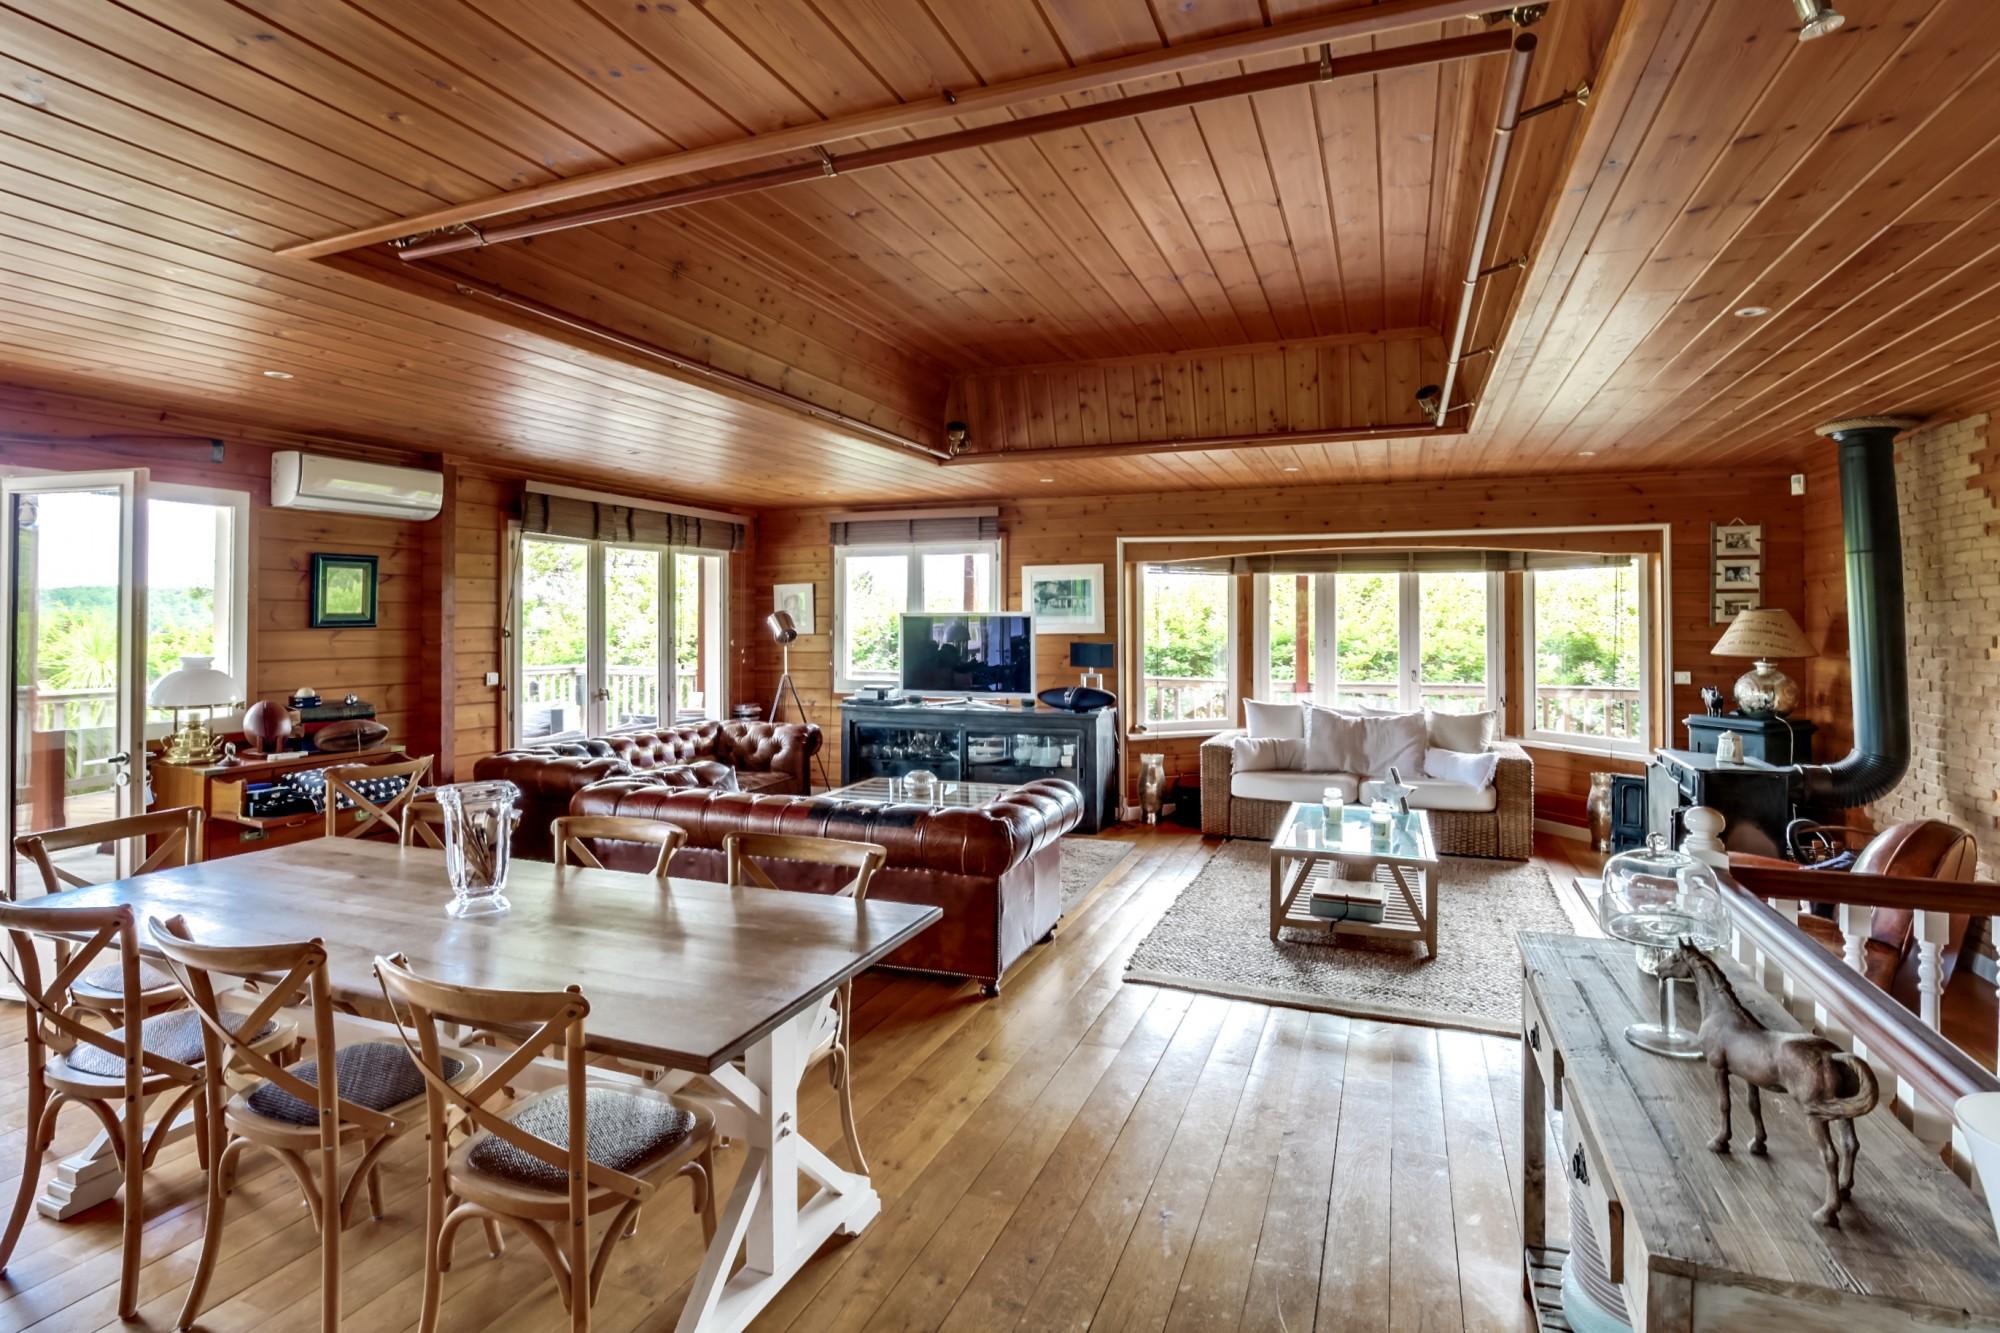 acheter villa en bois avec grande pièce à vivre  bassin arcachon